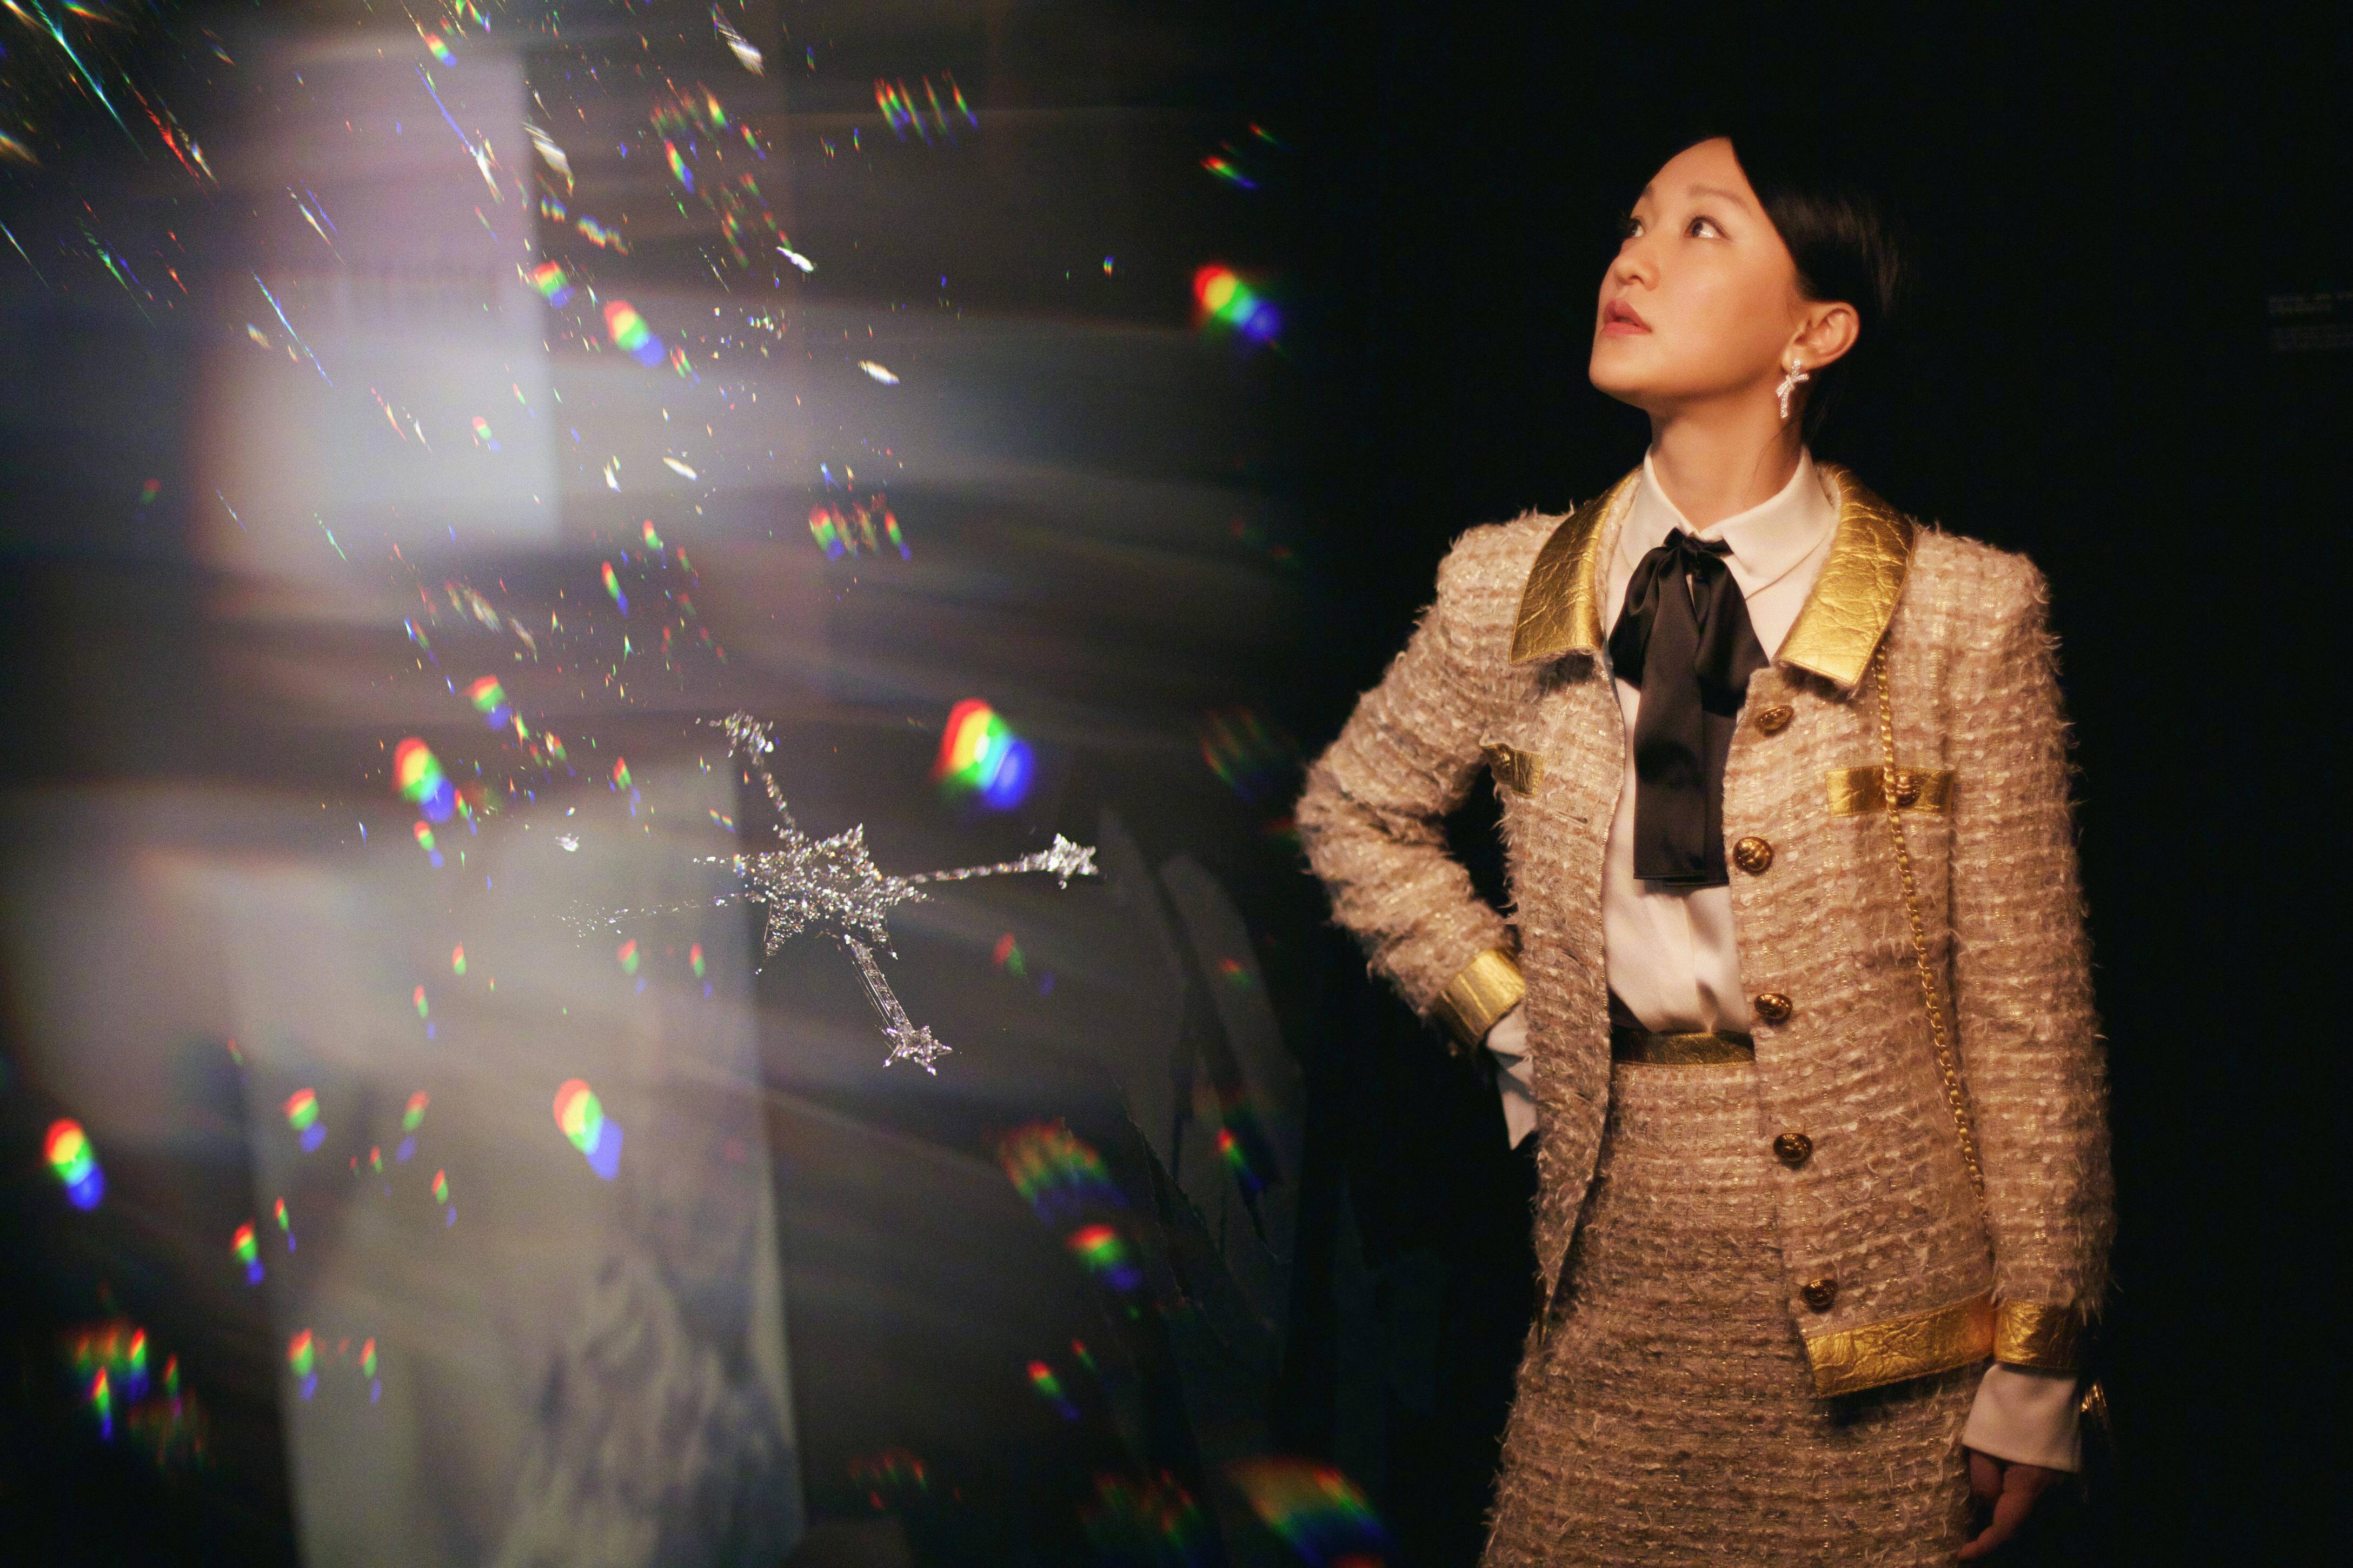 女明星榜 | 宋茜倪妮时尚度依旧满分,周迅的大片惊艳了春夏